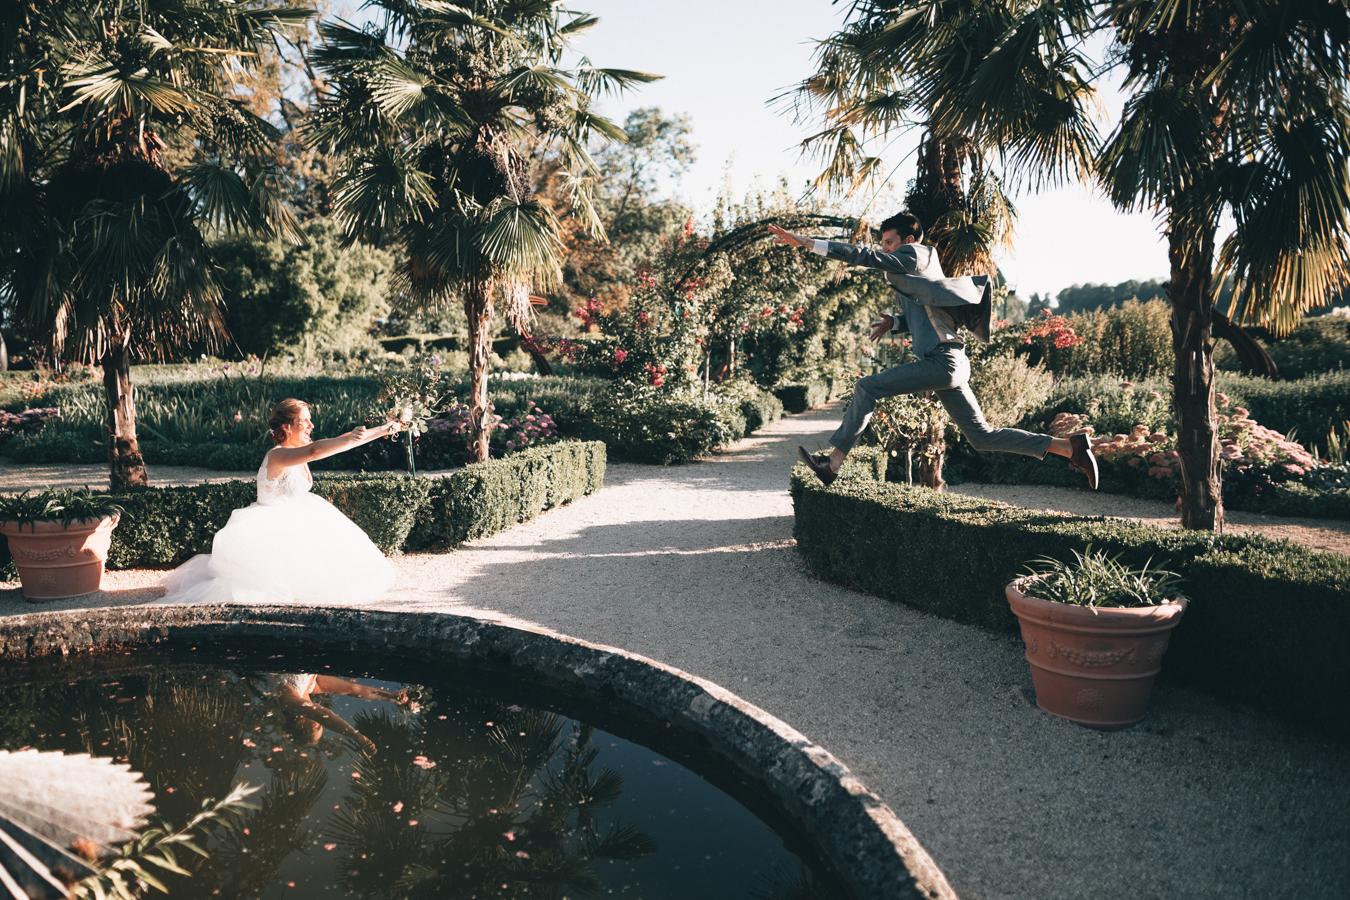 alex dim16 - Un mariage de rêve en 2020, challenge relevé avec brio pour Sophie et Dimitri!